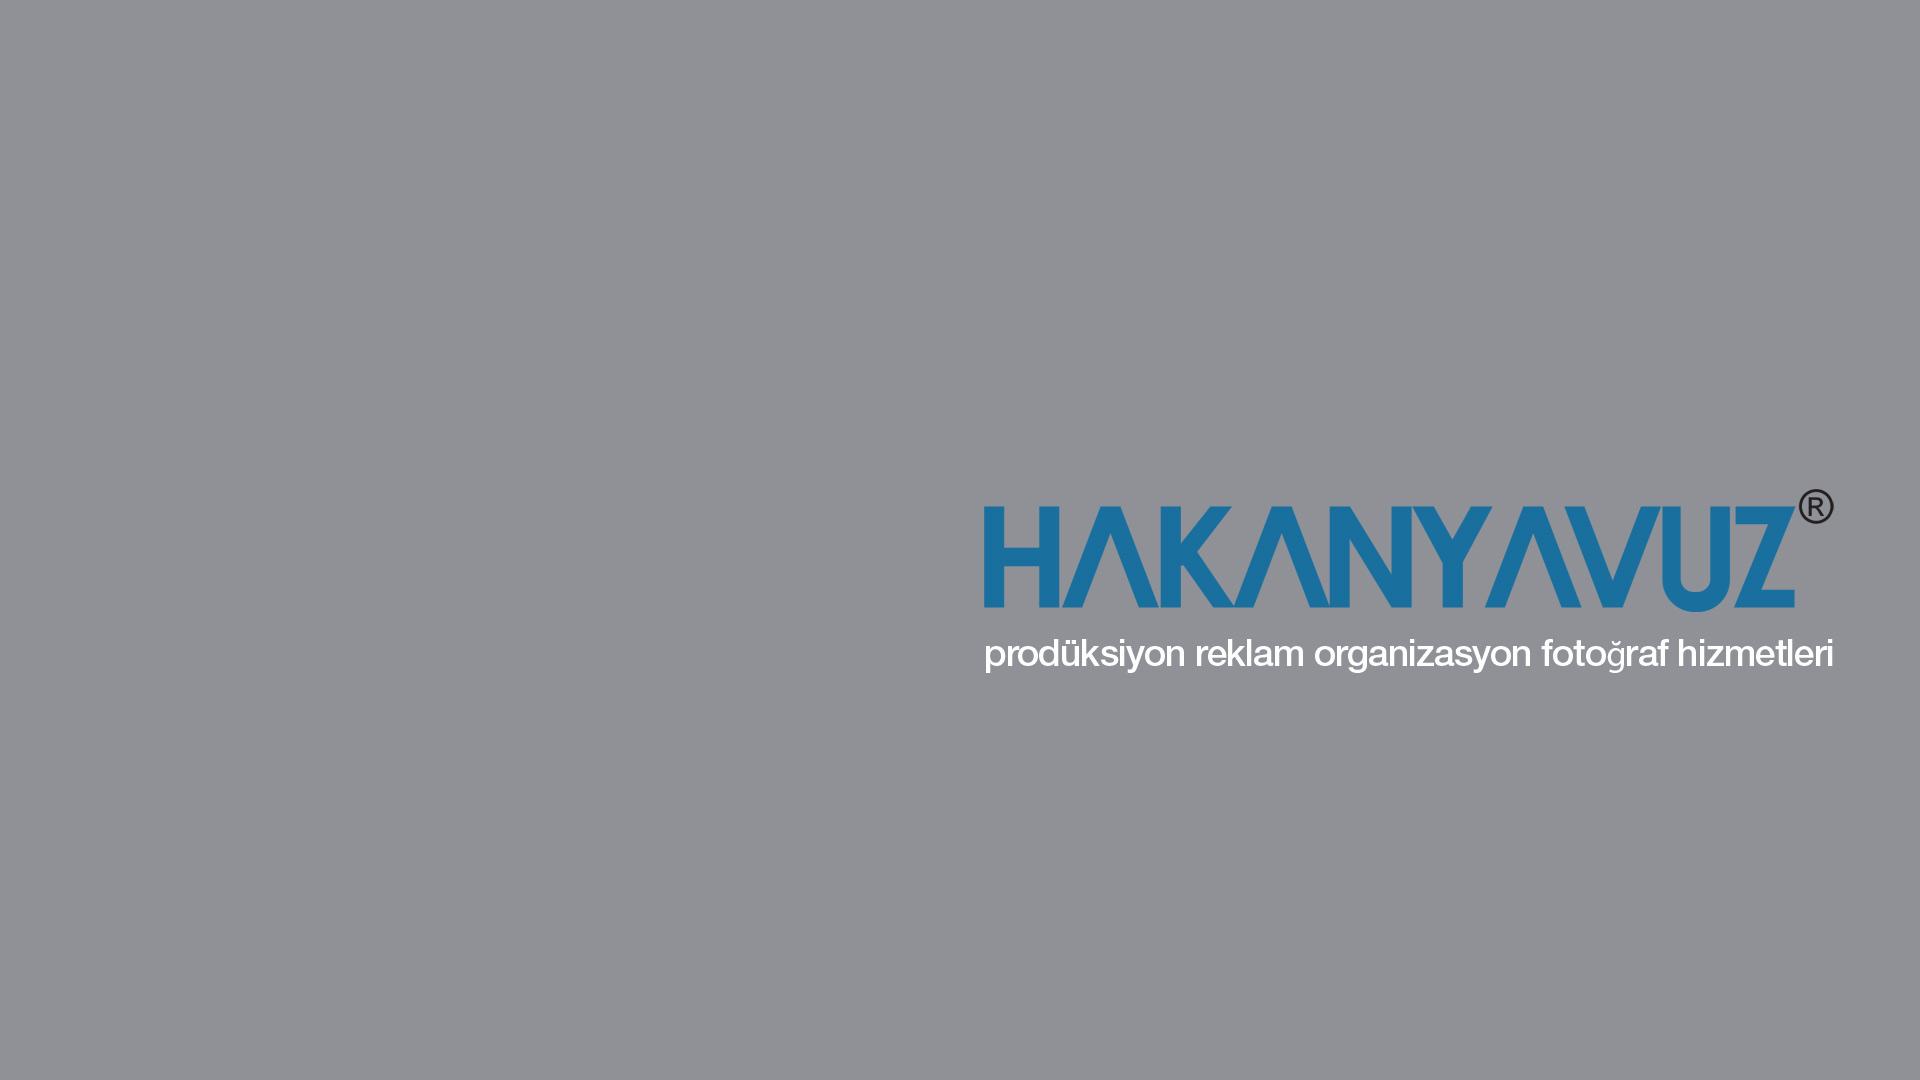 hakan yavuz prodüksiyon reklam organizasyon fotoğraf hizmetleri